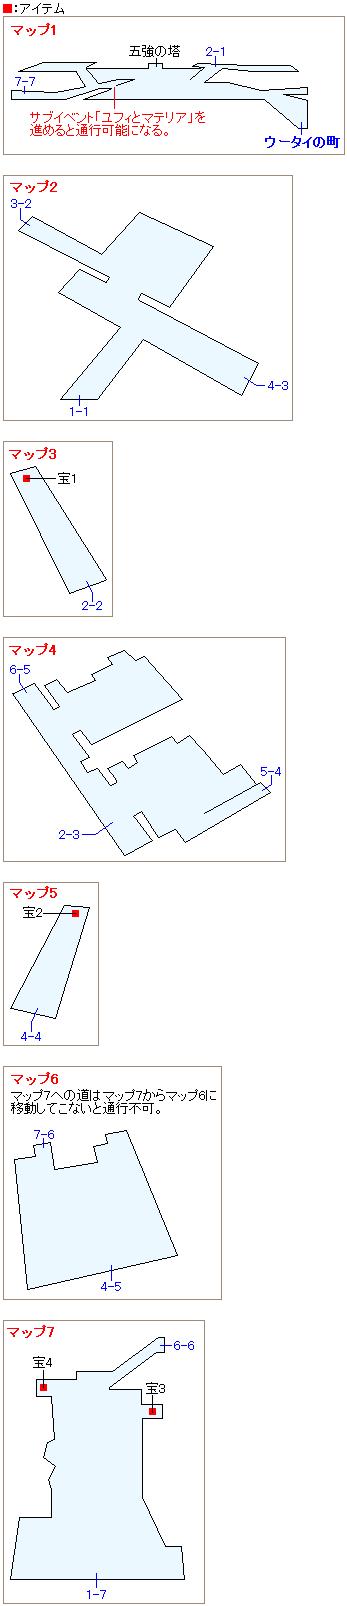 ウータイ・五強聖の塔のマップ